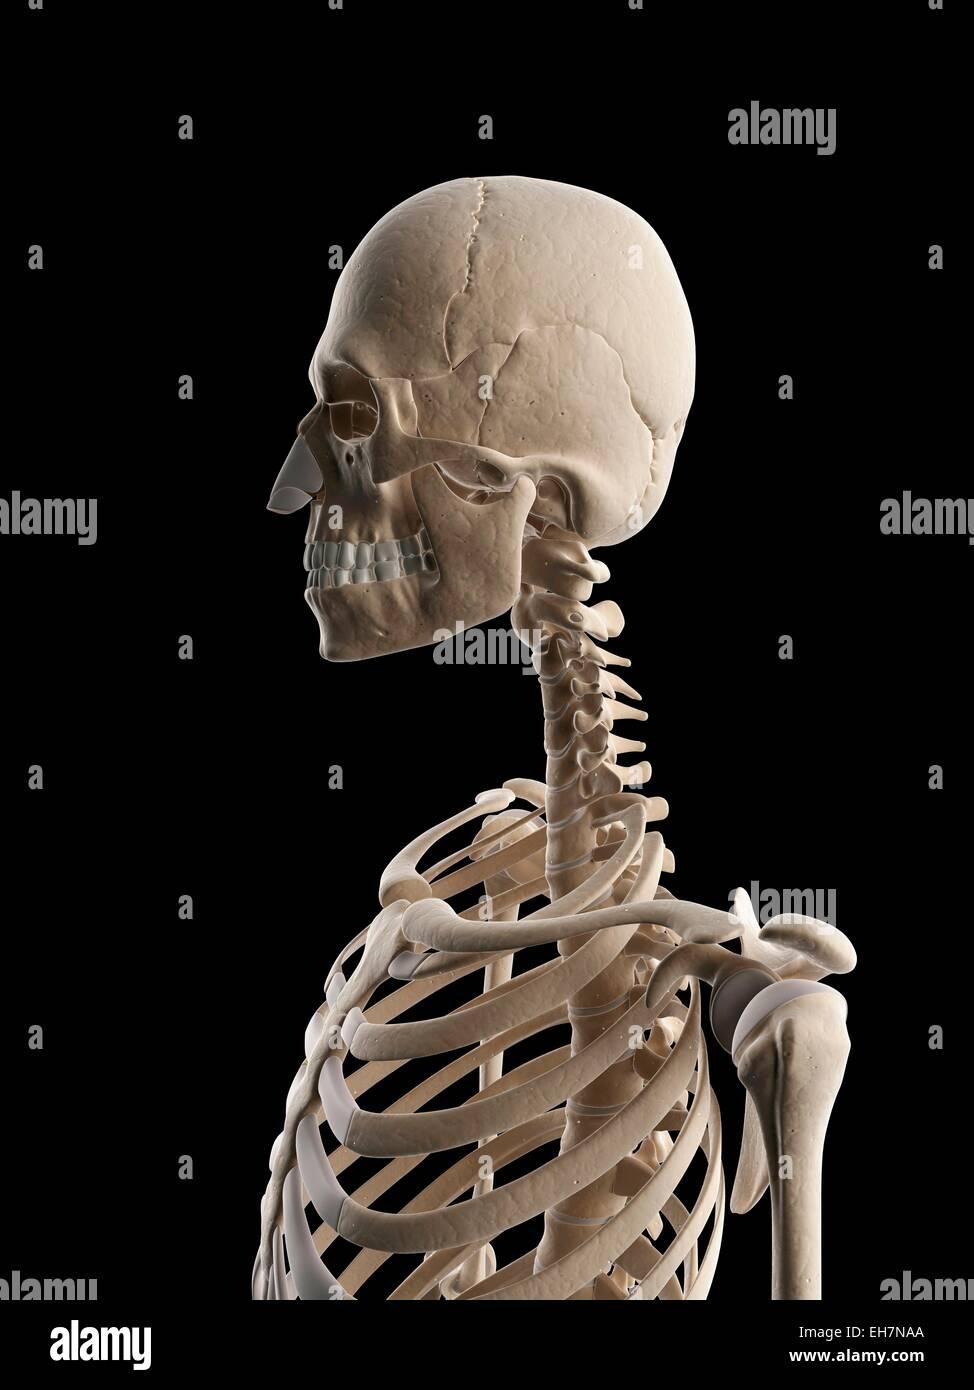 Berühmt Skelett Systeme Galerie - Physiologie Von Menschlichen ...